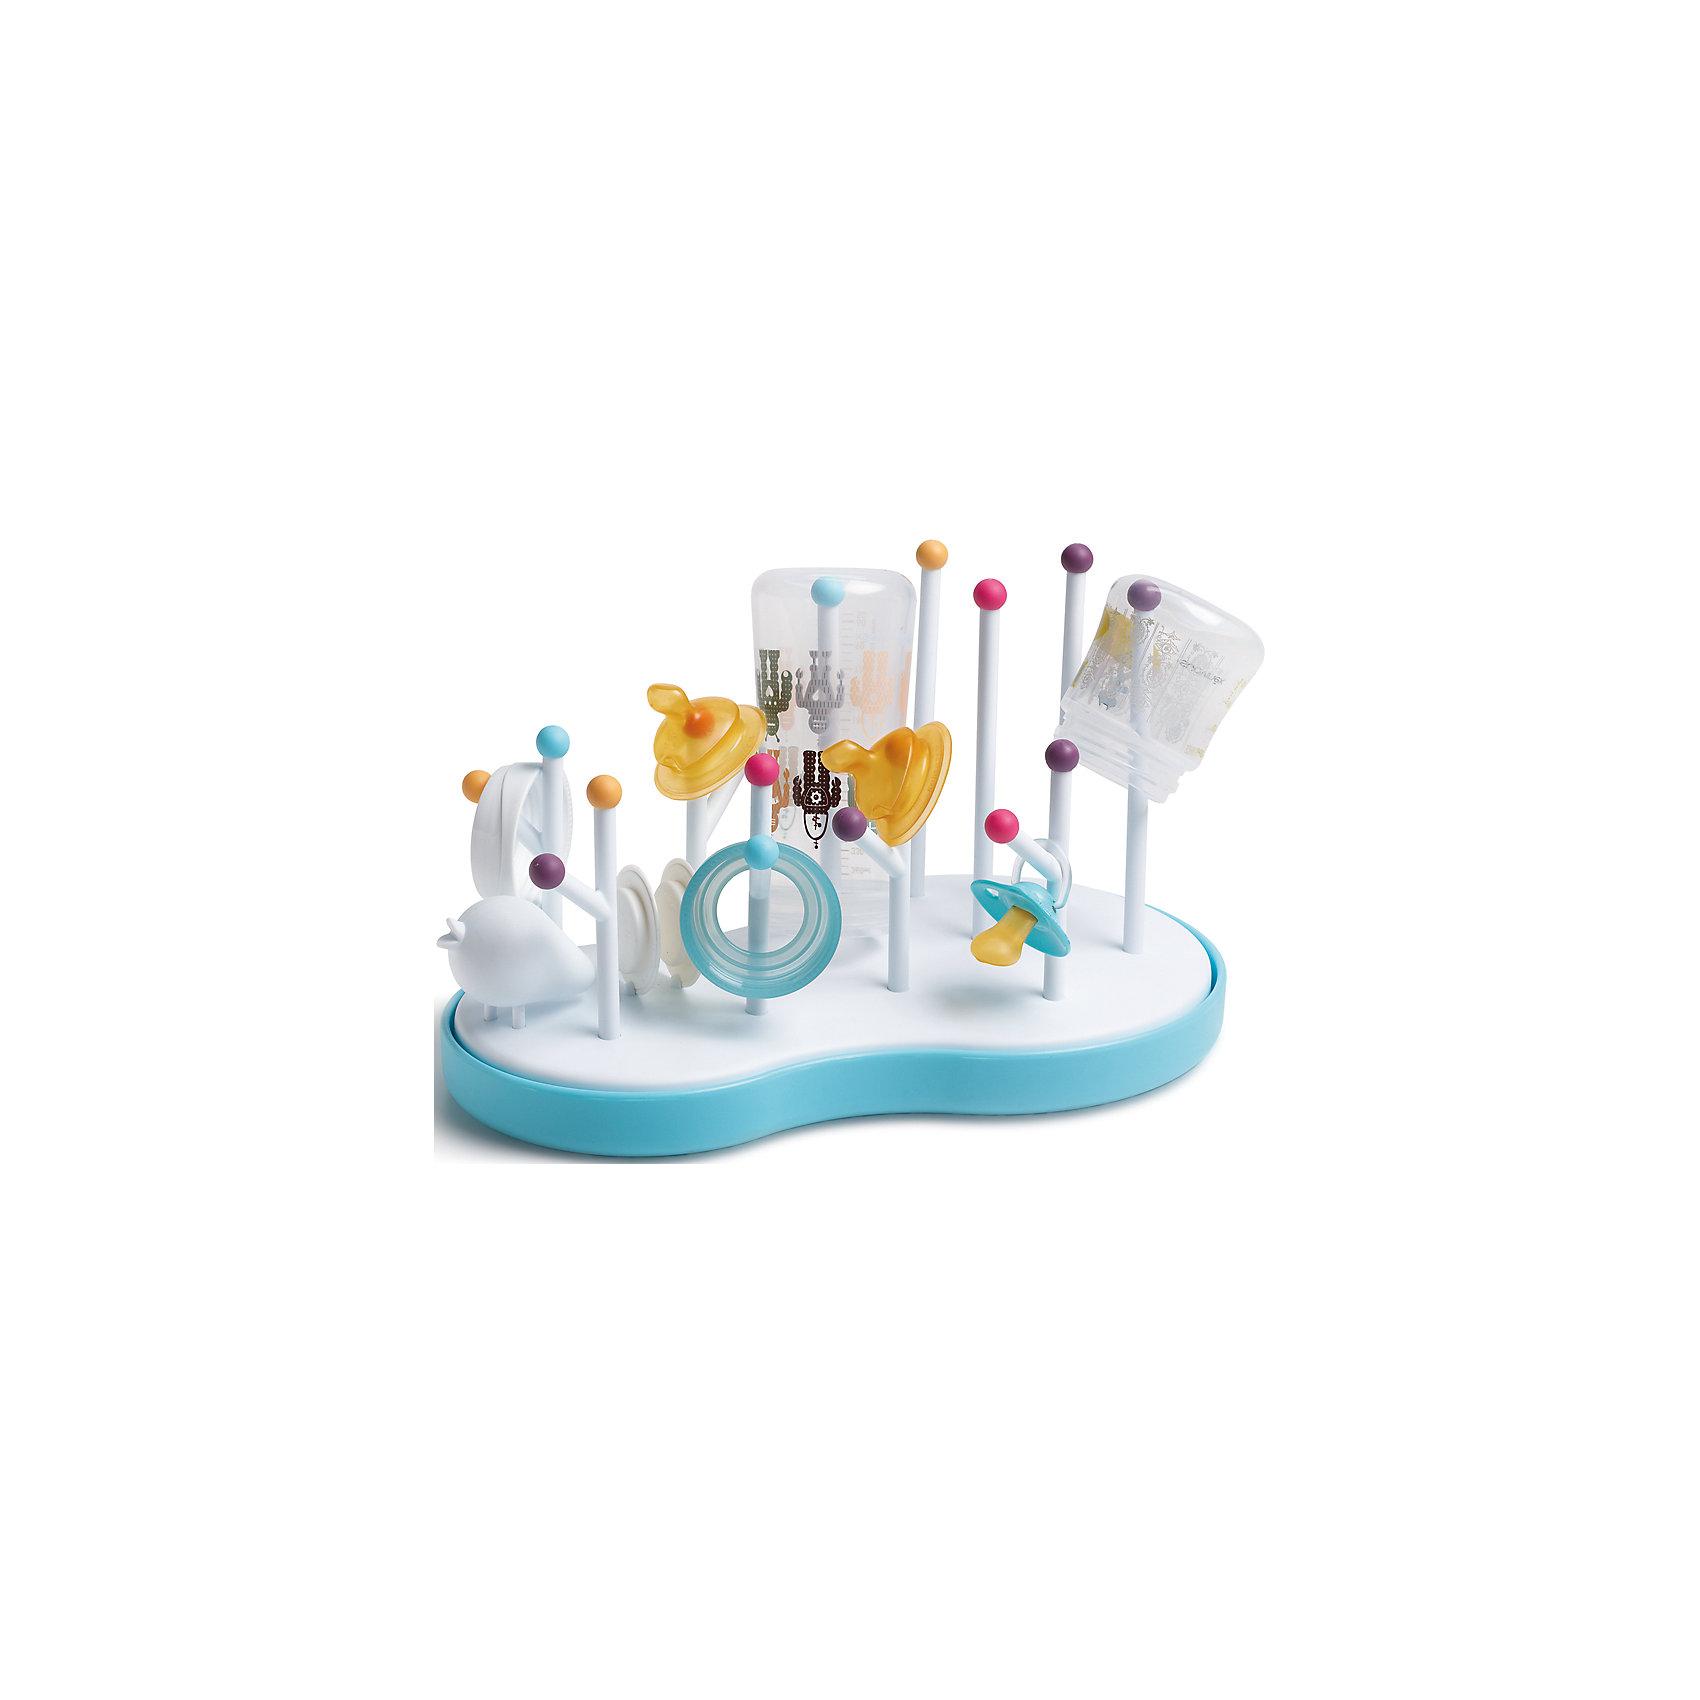 Подставка для сушки бутылок/сосок, SuavinexХарактеристики:<br><br>• Наименование: подставка для сушки<br>• Материал: пластик<br>• Пол: универсальный<br>• Цвет: белый, голубой, оранжевый, розовый<br>• Рисунок: птички<br>• Можно использовать в посудомоечной машине<br>• Вес: 400 г<br>• Параметры (Д*Ш*В): 8*35*22 см <br>• Особенности ухода: сухая и влажная чистка<br><br>Подставка для сушки бутылок/сосок, Suavinex изготовлена испанским торговым брендом, специализирующимся на выпуске товаров для кормления и аксессуаров новорожденным и младенцам. Изделие выполнено из экологически безопасного пластика, устойчивого к повреждениям и появлению царапин. <br><br>Конструкция подставки имеет изогнутую поверхность, что препятствует сбору воды, на подставке предусмотрены держатели разной высоты: для бутылочек, сосок и других аксессуаров. Подставка для сушки бутылок/сосок, Suavinex имеет брендовый дизайн: яркие защитные шарики на концах держателей и фигурка птички делают его ярким и стильным кухонным аксессуаром.<br><br>Подставку для сушки бутылок/сосок, Suavinex можно купить в нашем интернет-магазине.<br><br>Ширина мм: 80<br>Глубина мм: 350<br>Высота мм: 220<br>Вес г: 400<br>Возраст от месяцев: 0<br>Возраст до месяцев: 24<br>Пол: Унисекс<br>Возраст: Детский<br>SKU: 5451324